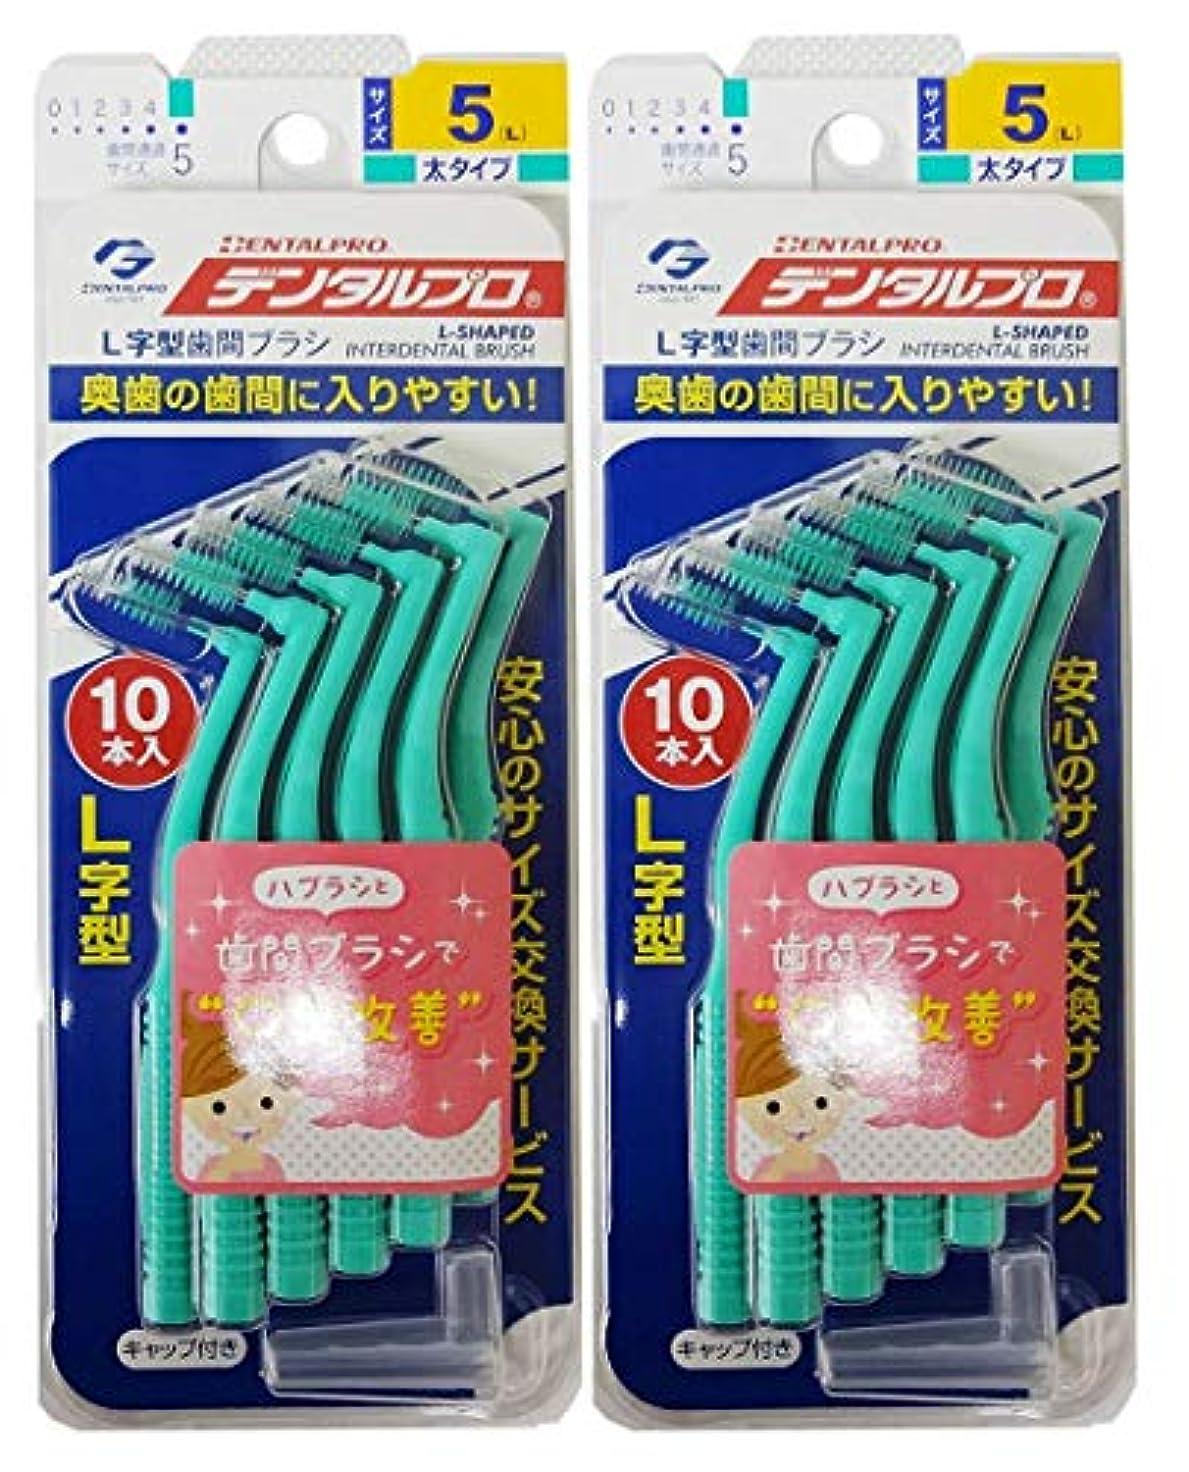 信者プラスチックパターンデンタルプロ 歯間ブラシ L字型 サイズ5(L) 10本入り × 2個セット